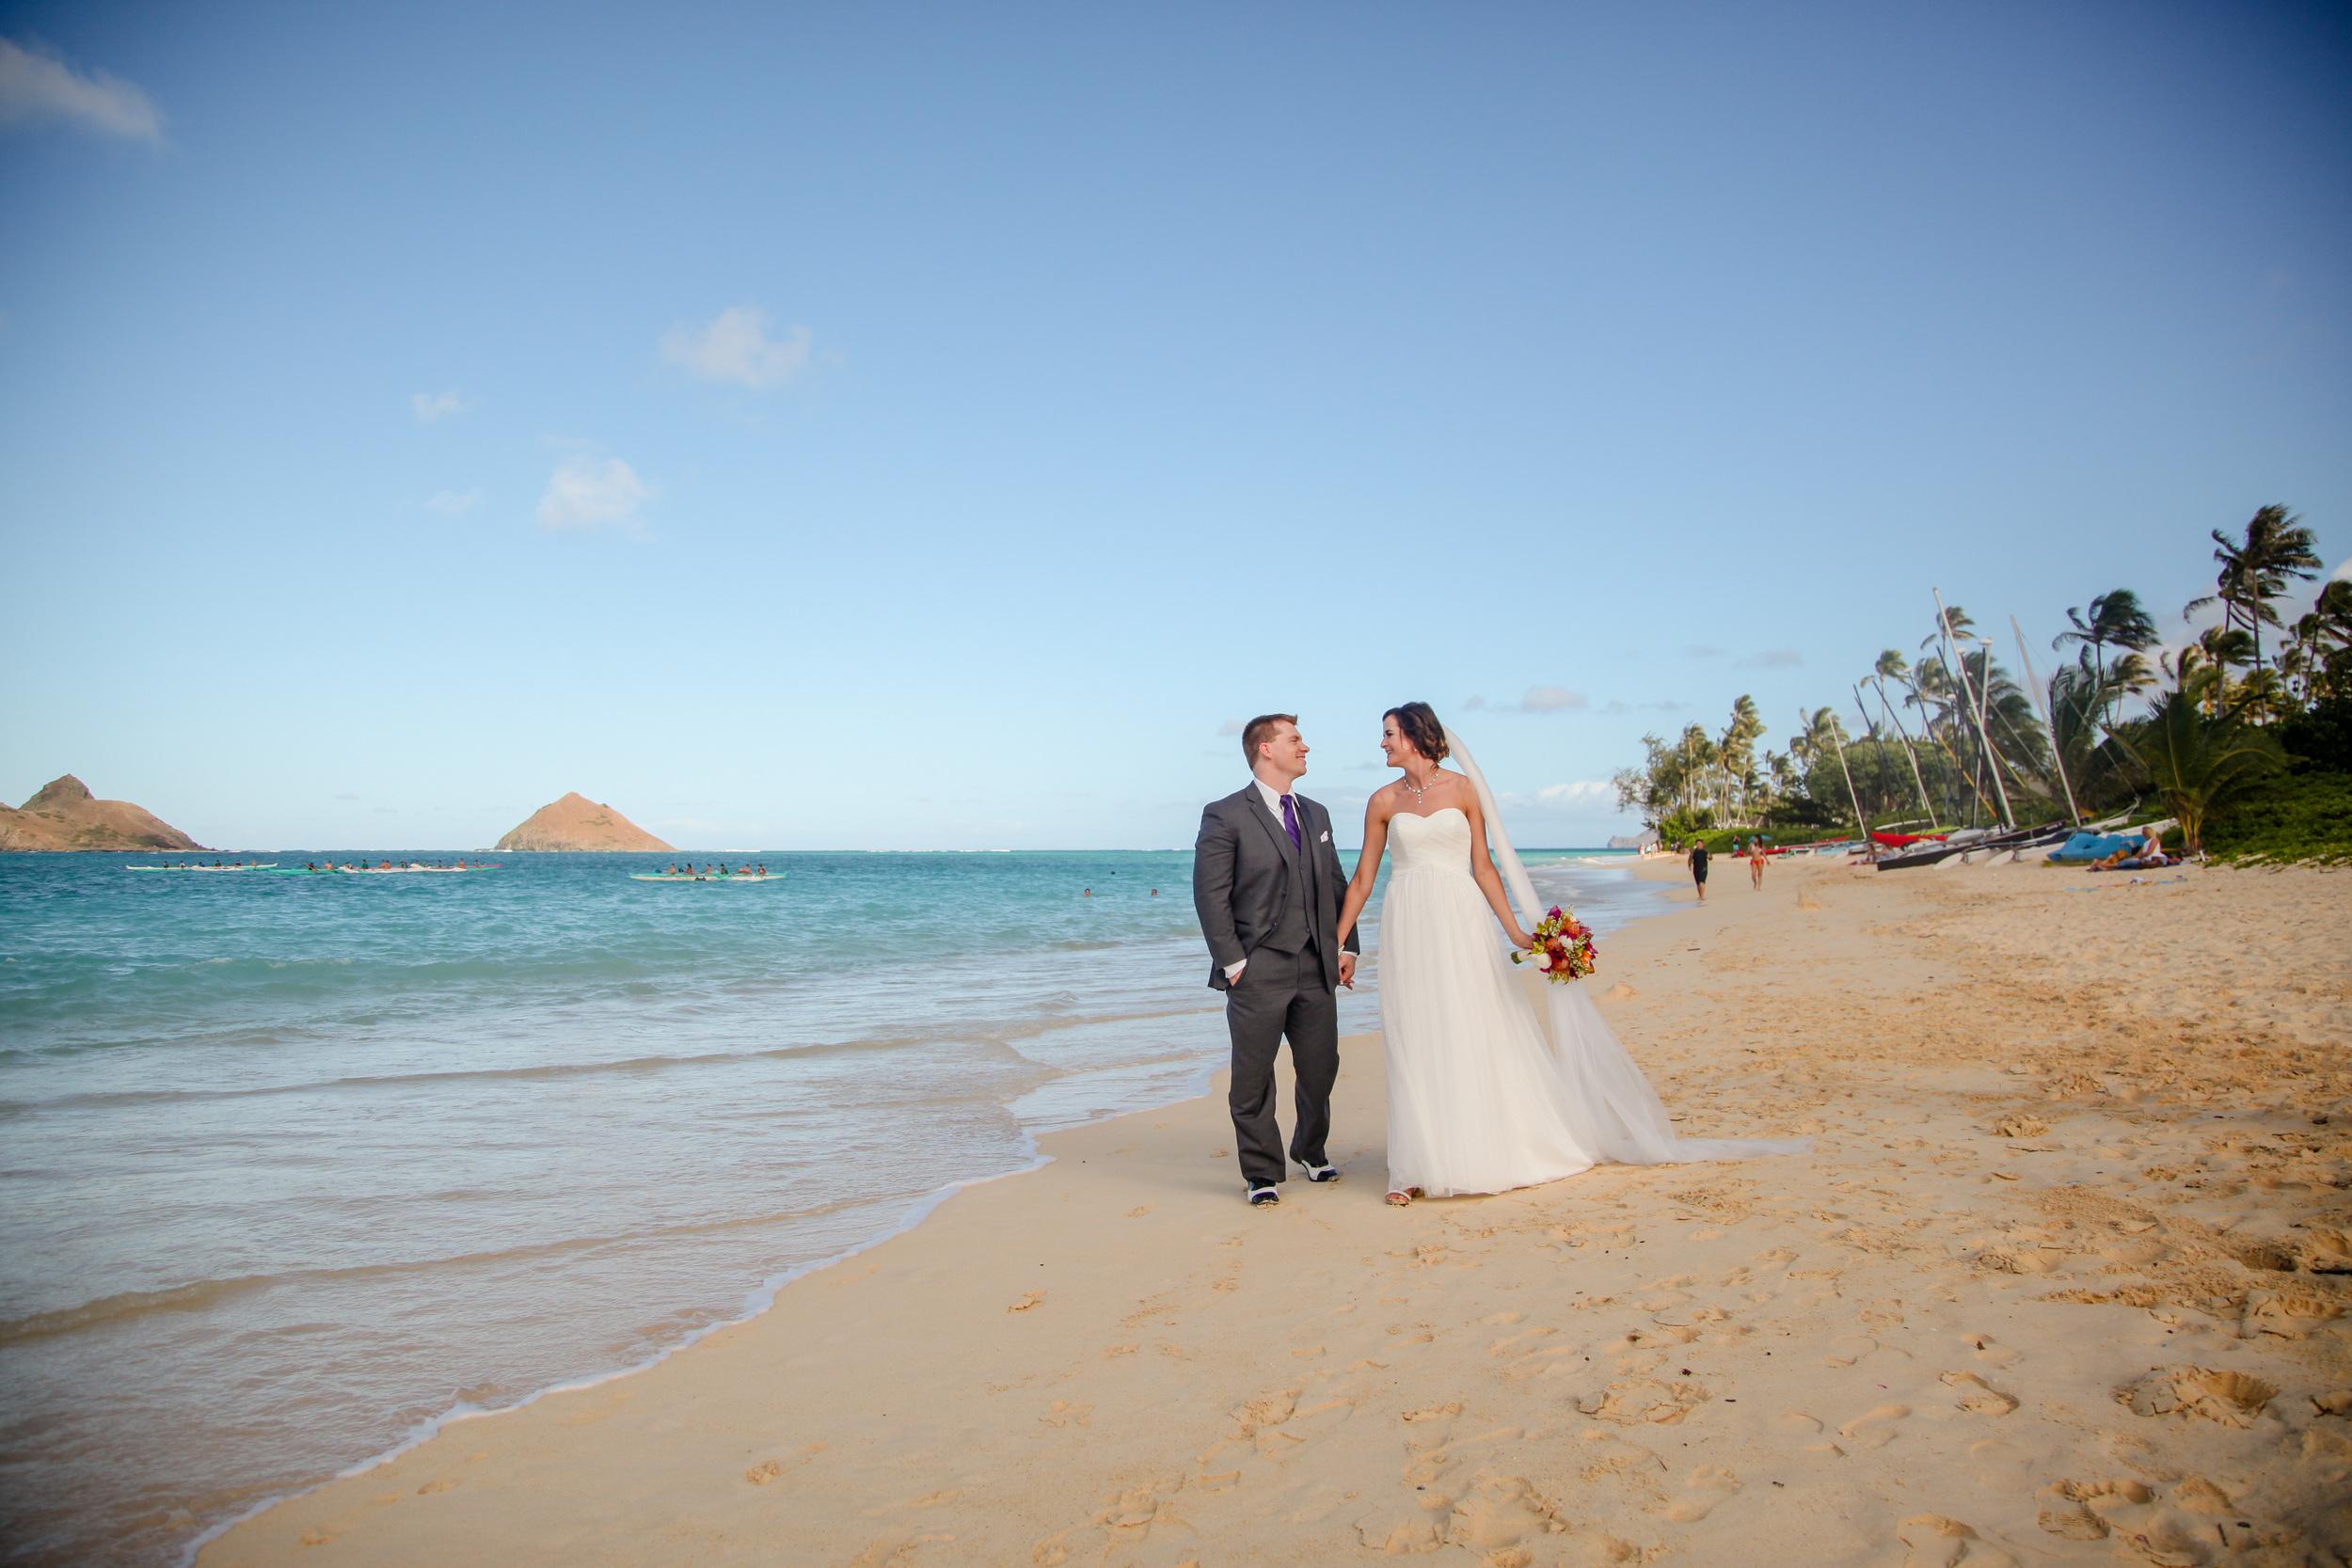 Danielle & Geoff - Hawaii 2016